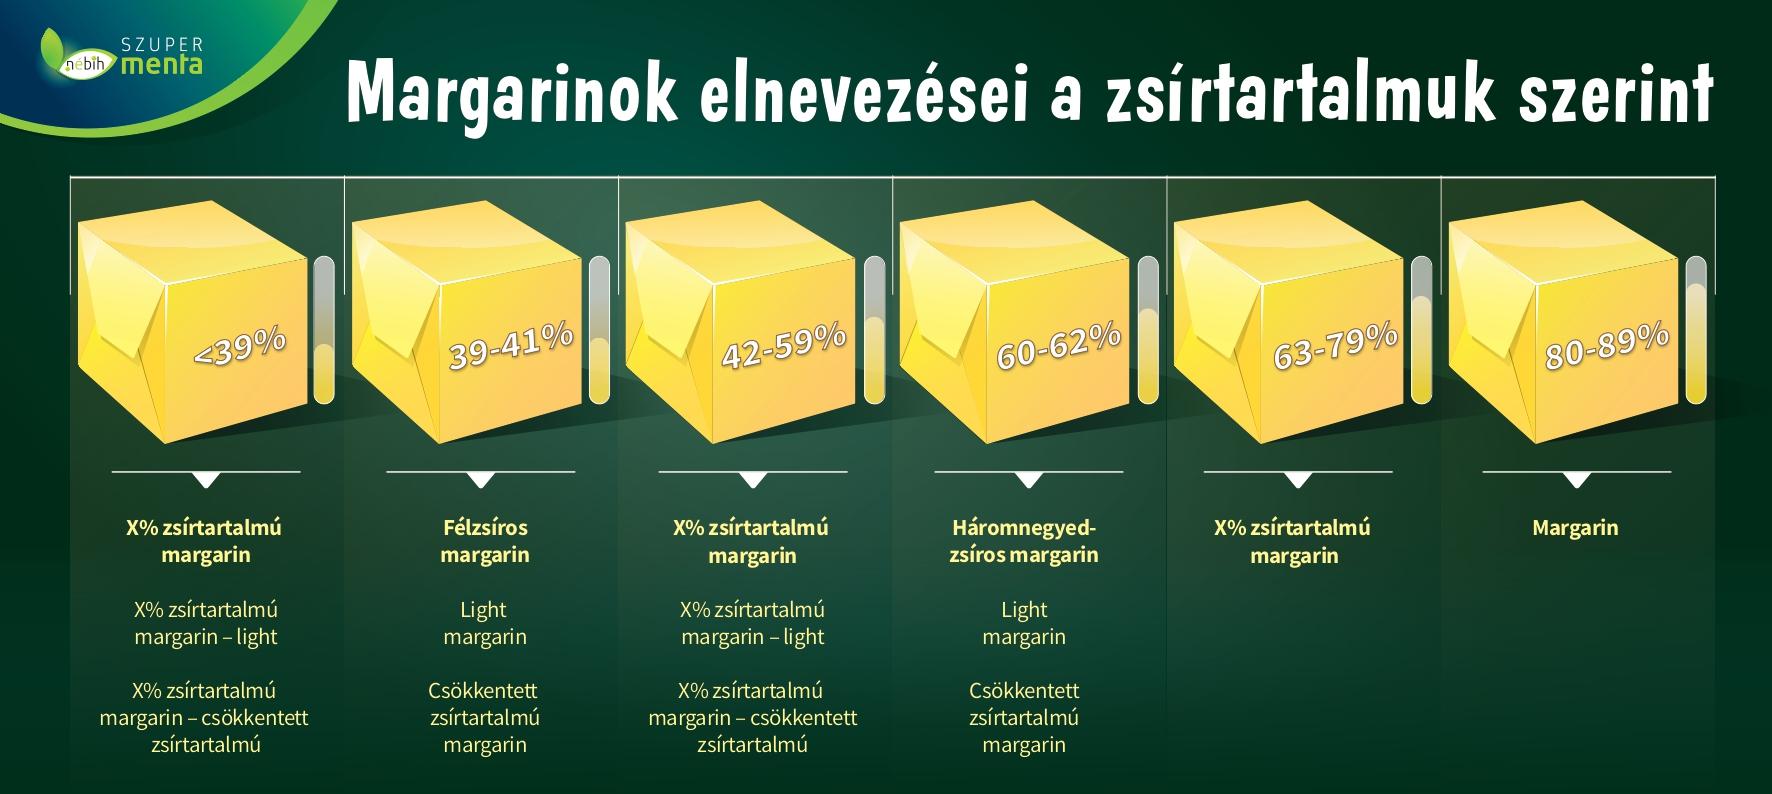 Margarinok zsírtartalma